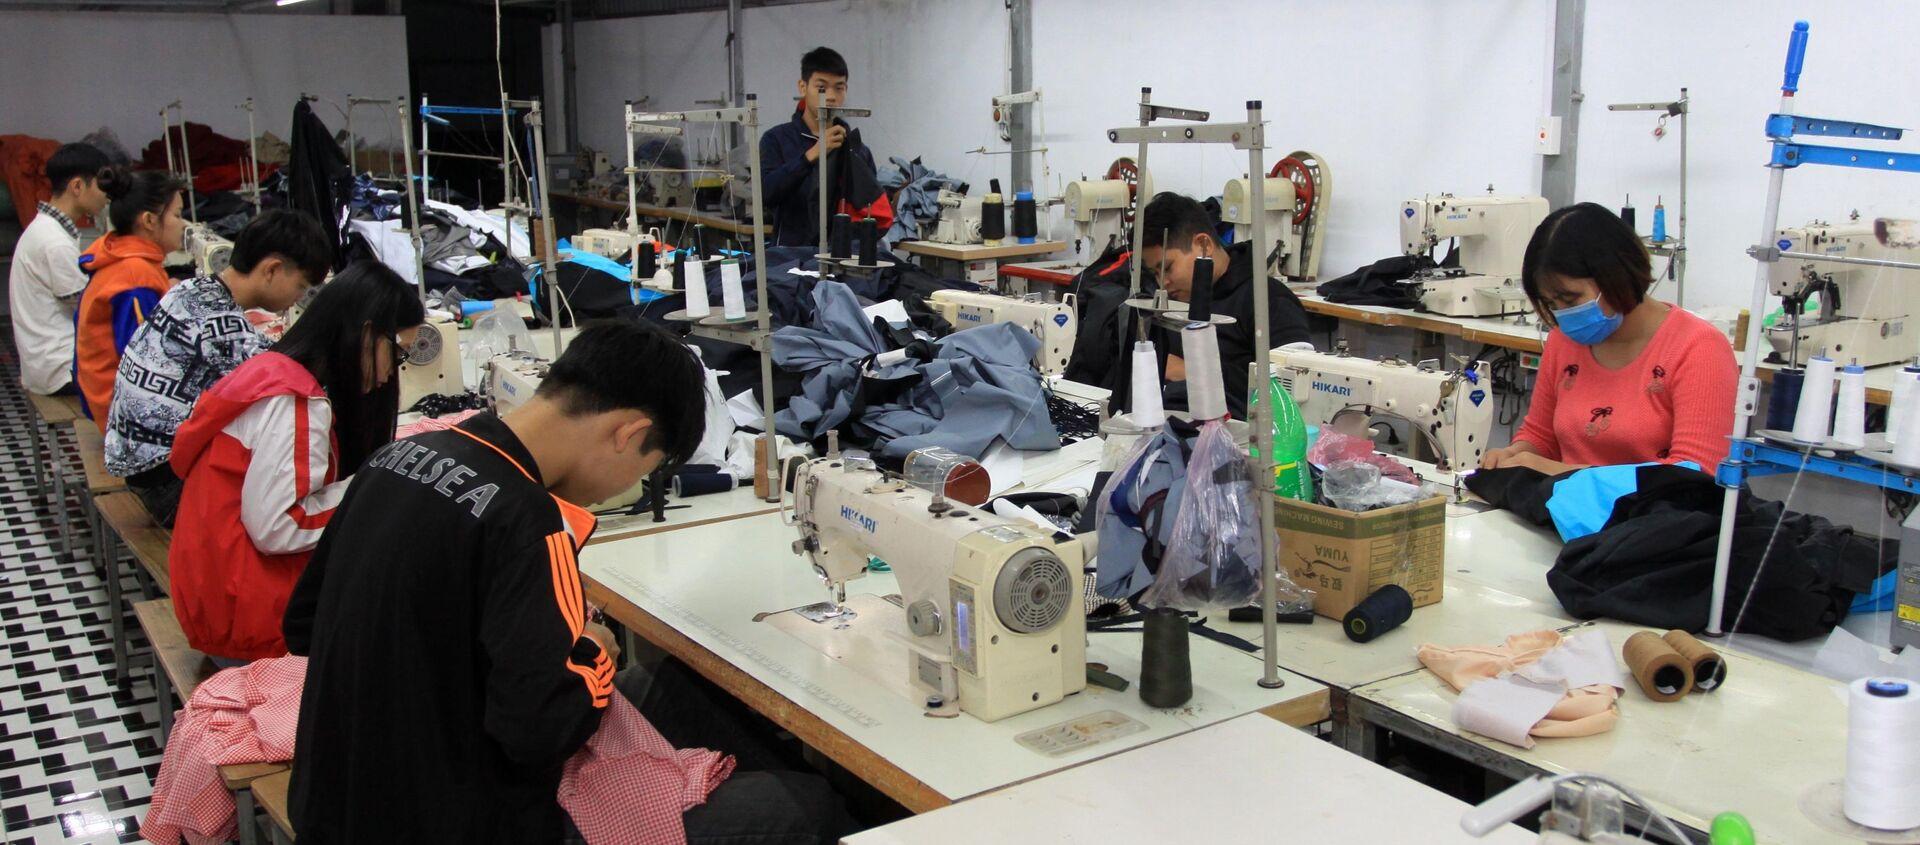 Lao động được đào tạo nghề may tại các cơ sở giáo dục nghề nghiệp. - Sputnik Việt Nam, 1920, 15.01.2021